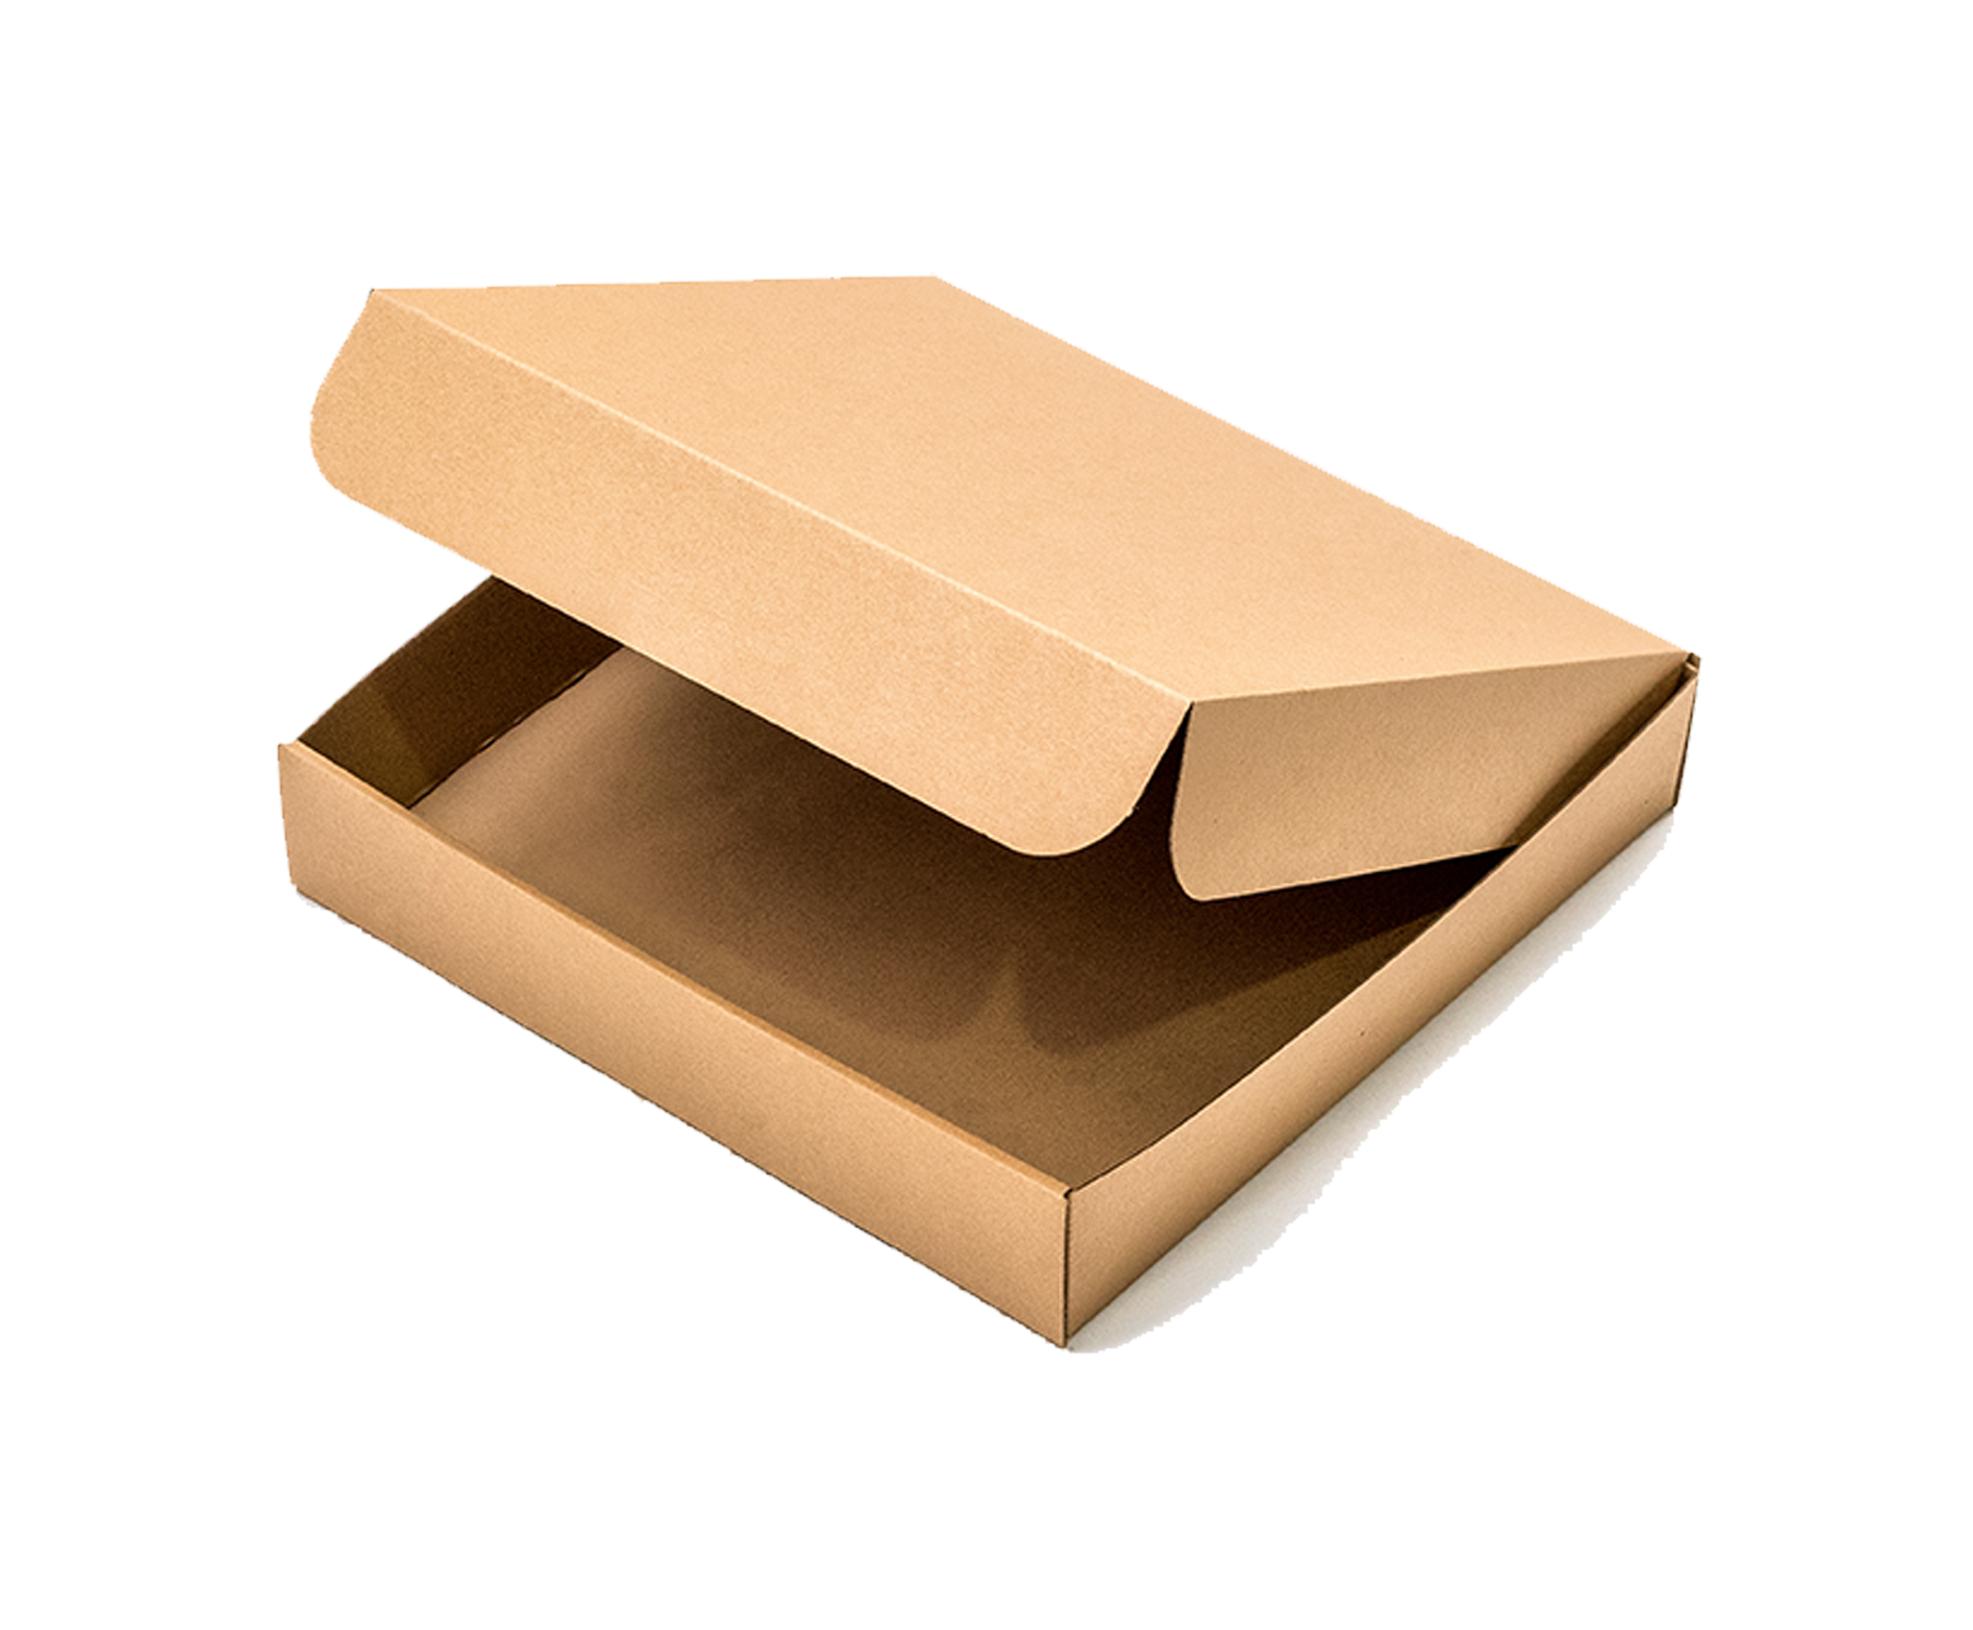 Geformte Verpackungen